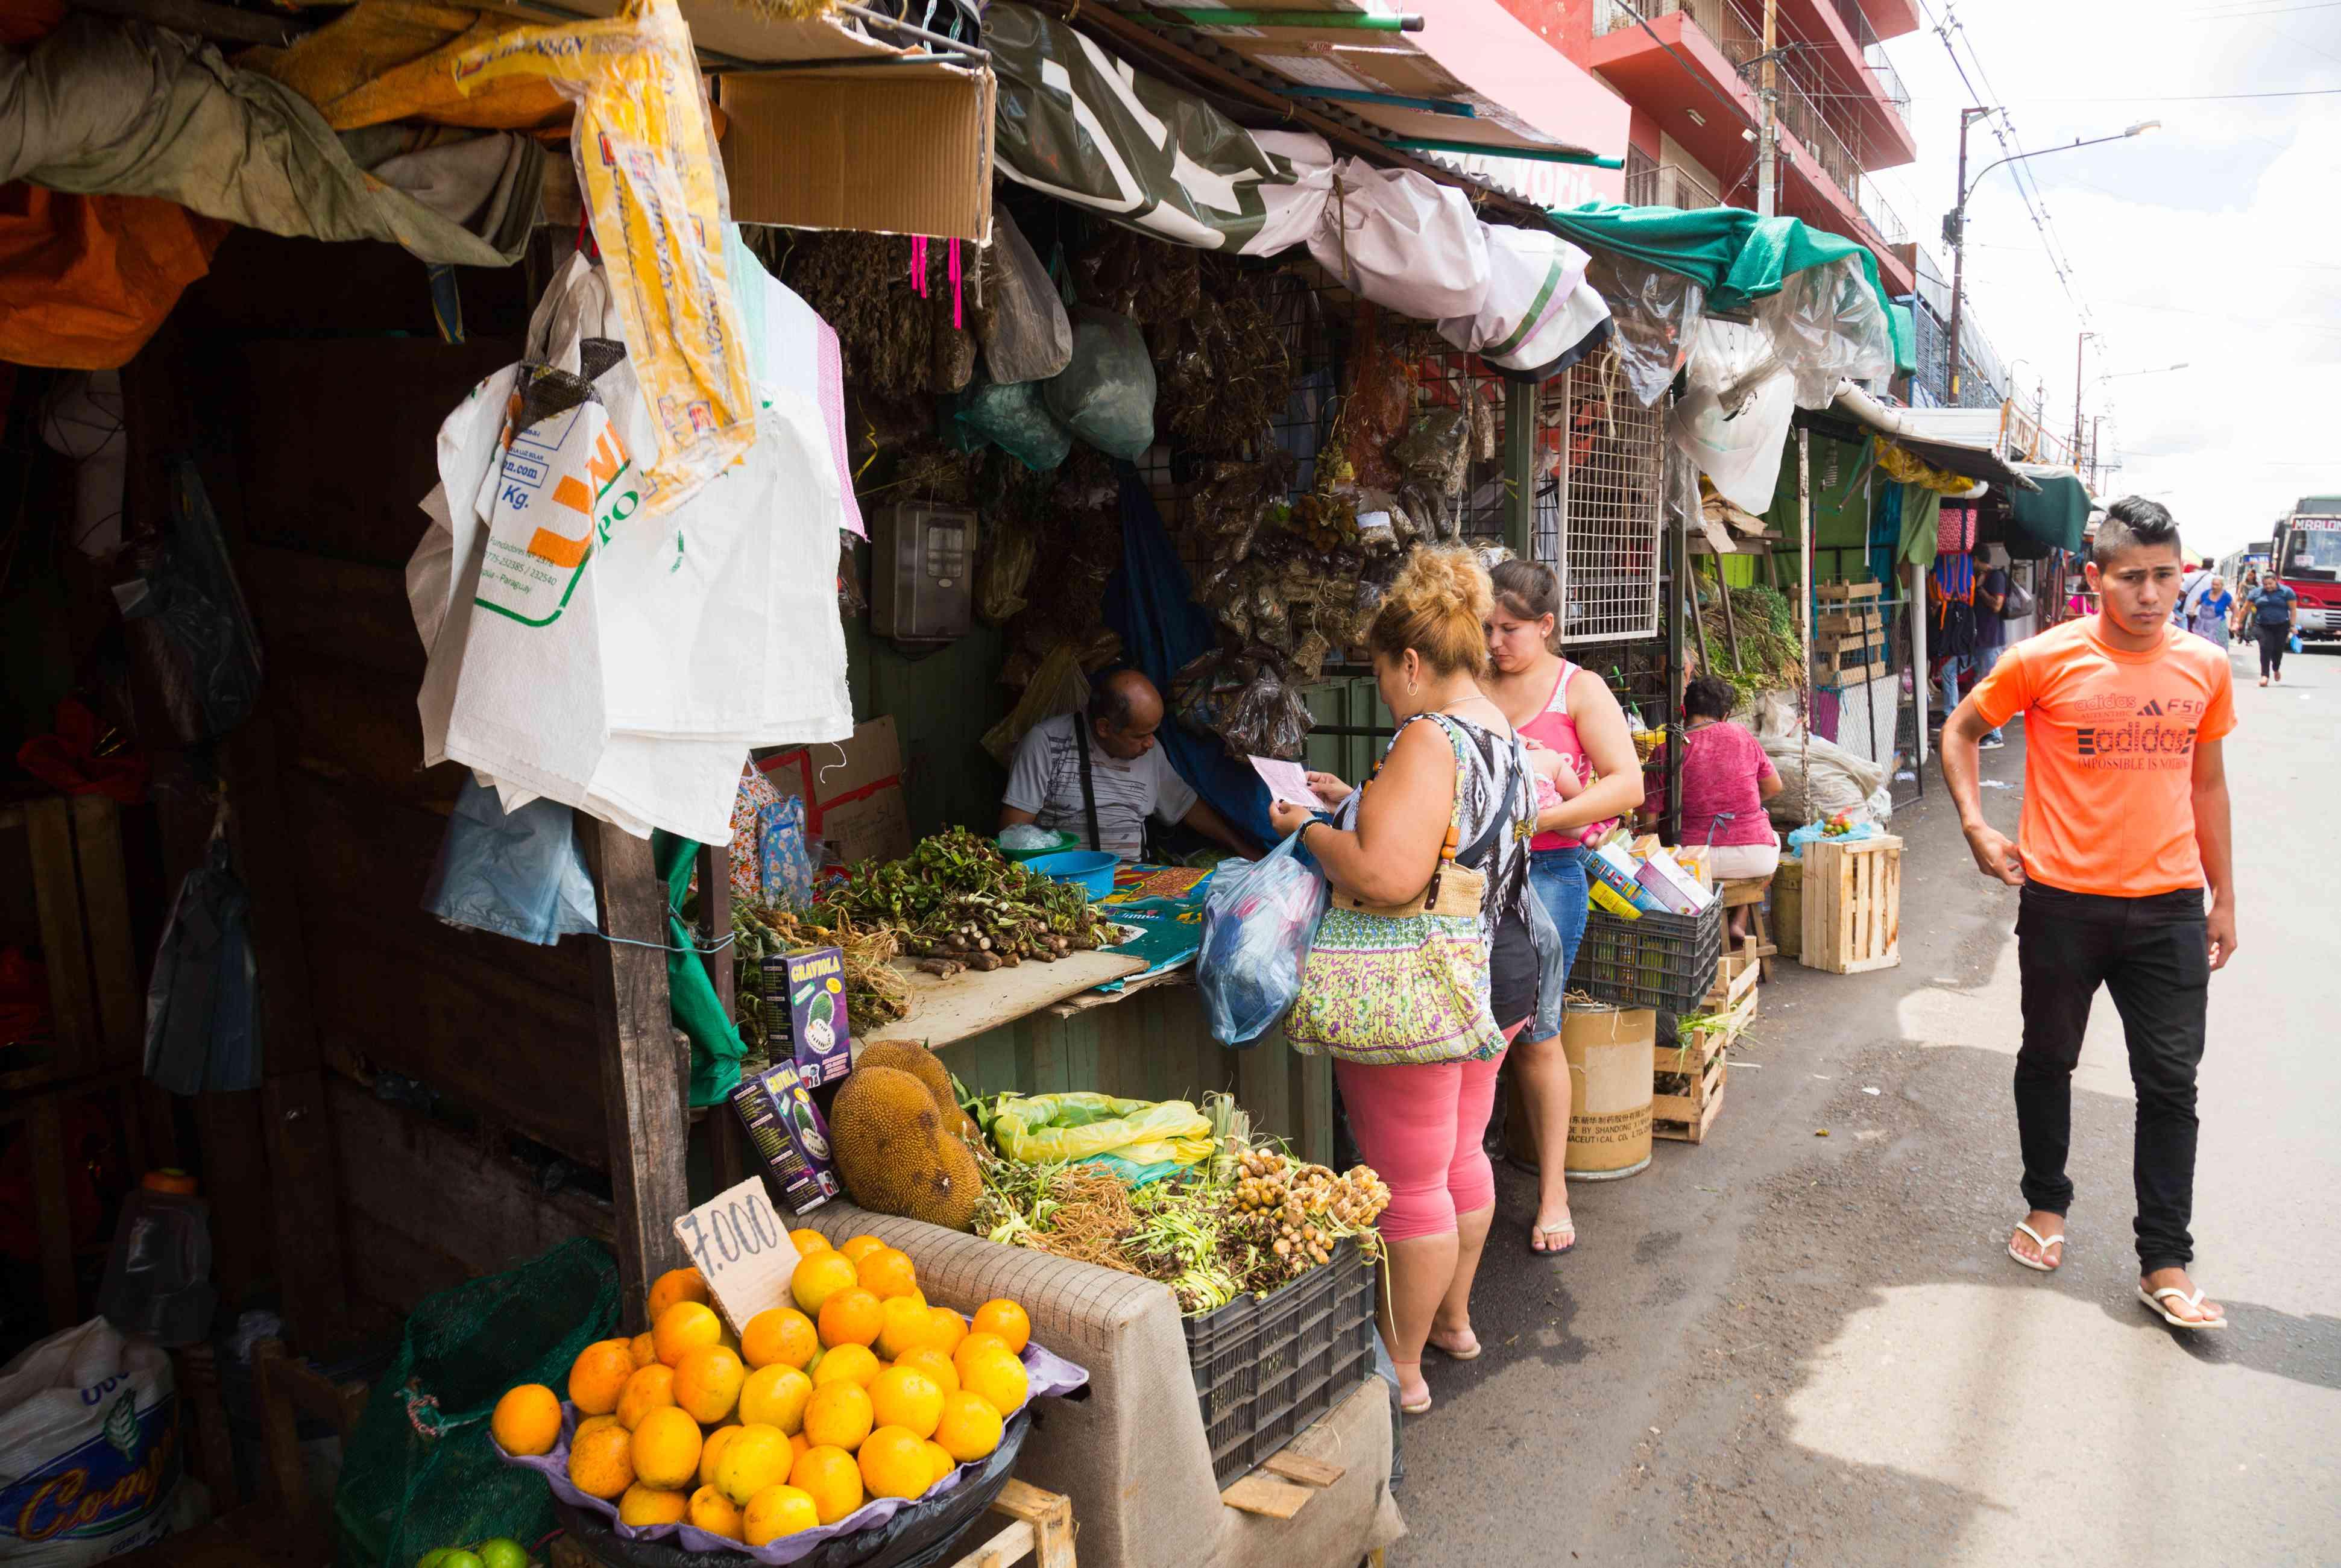 Central market in Asuncion